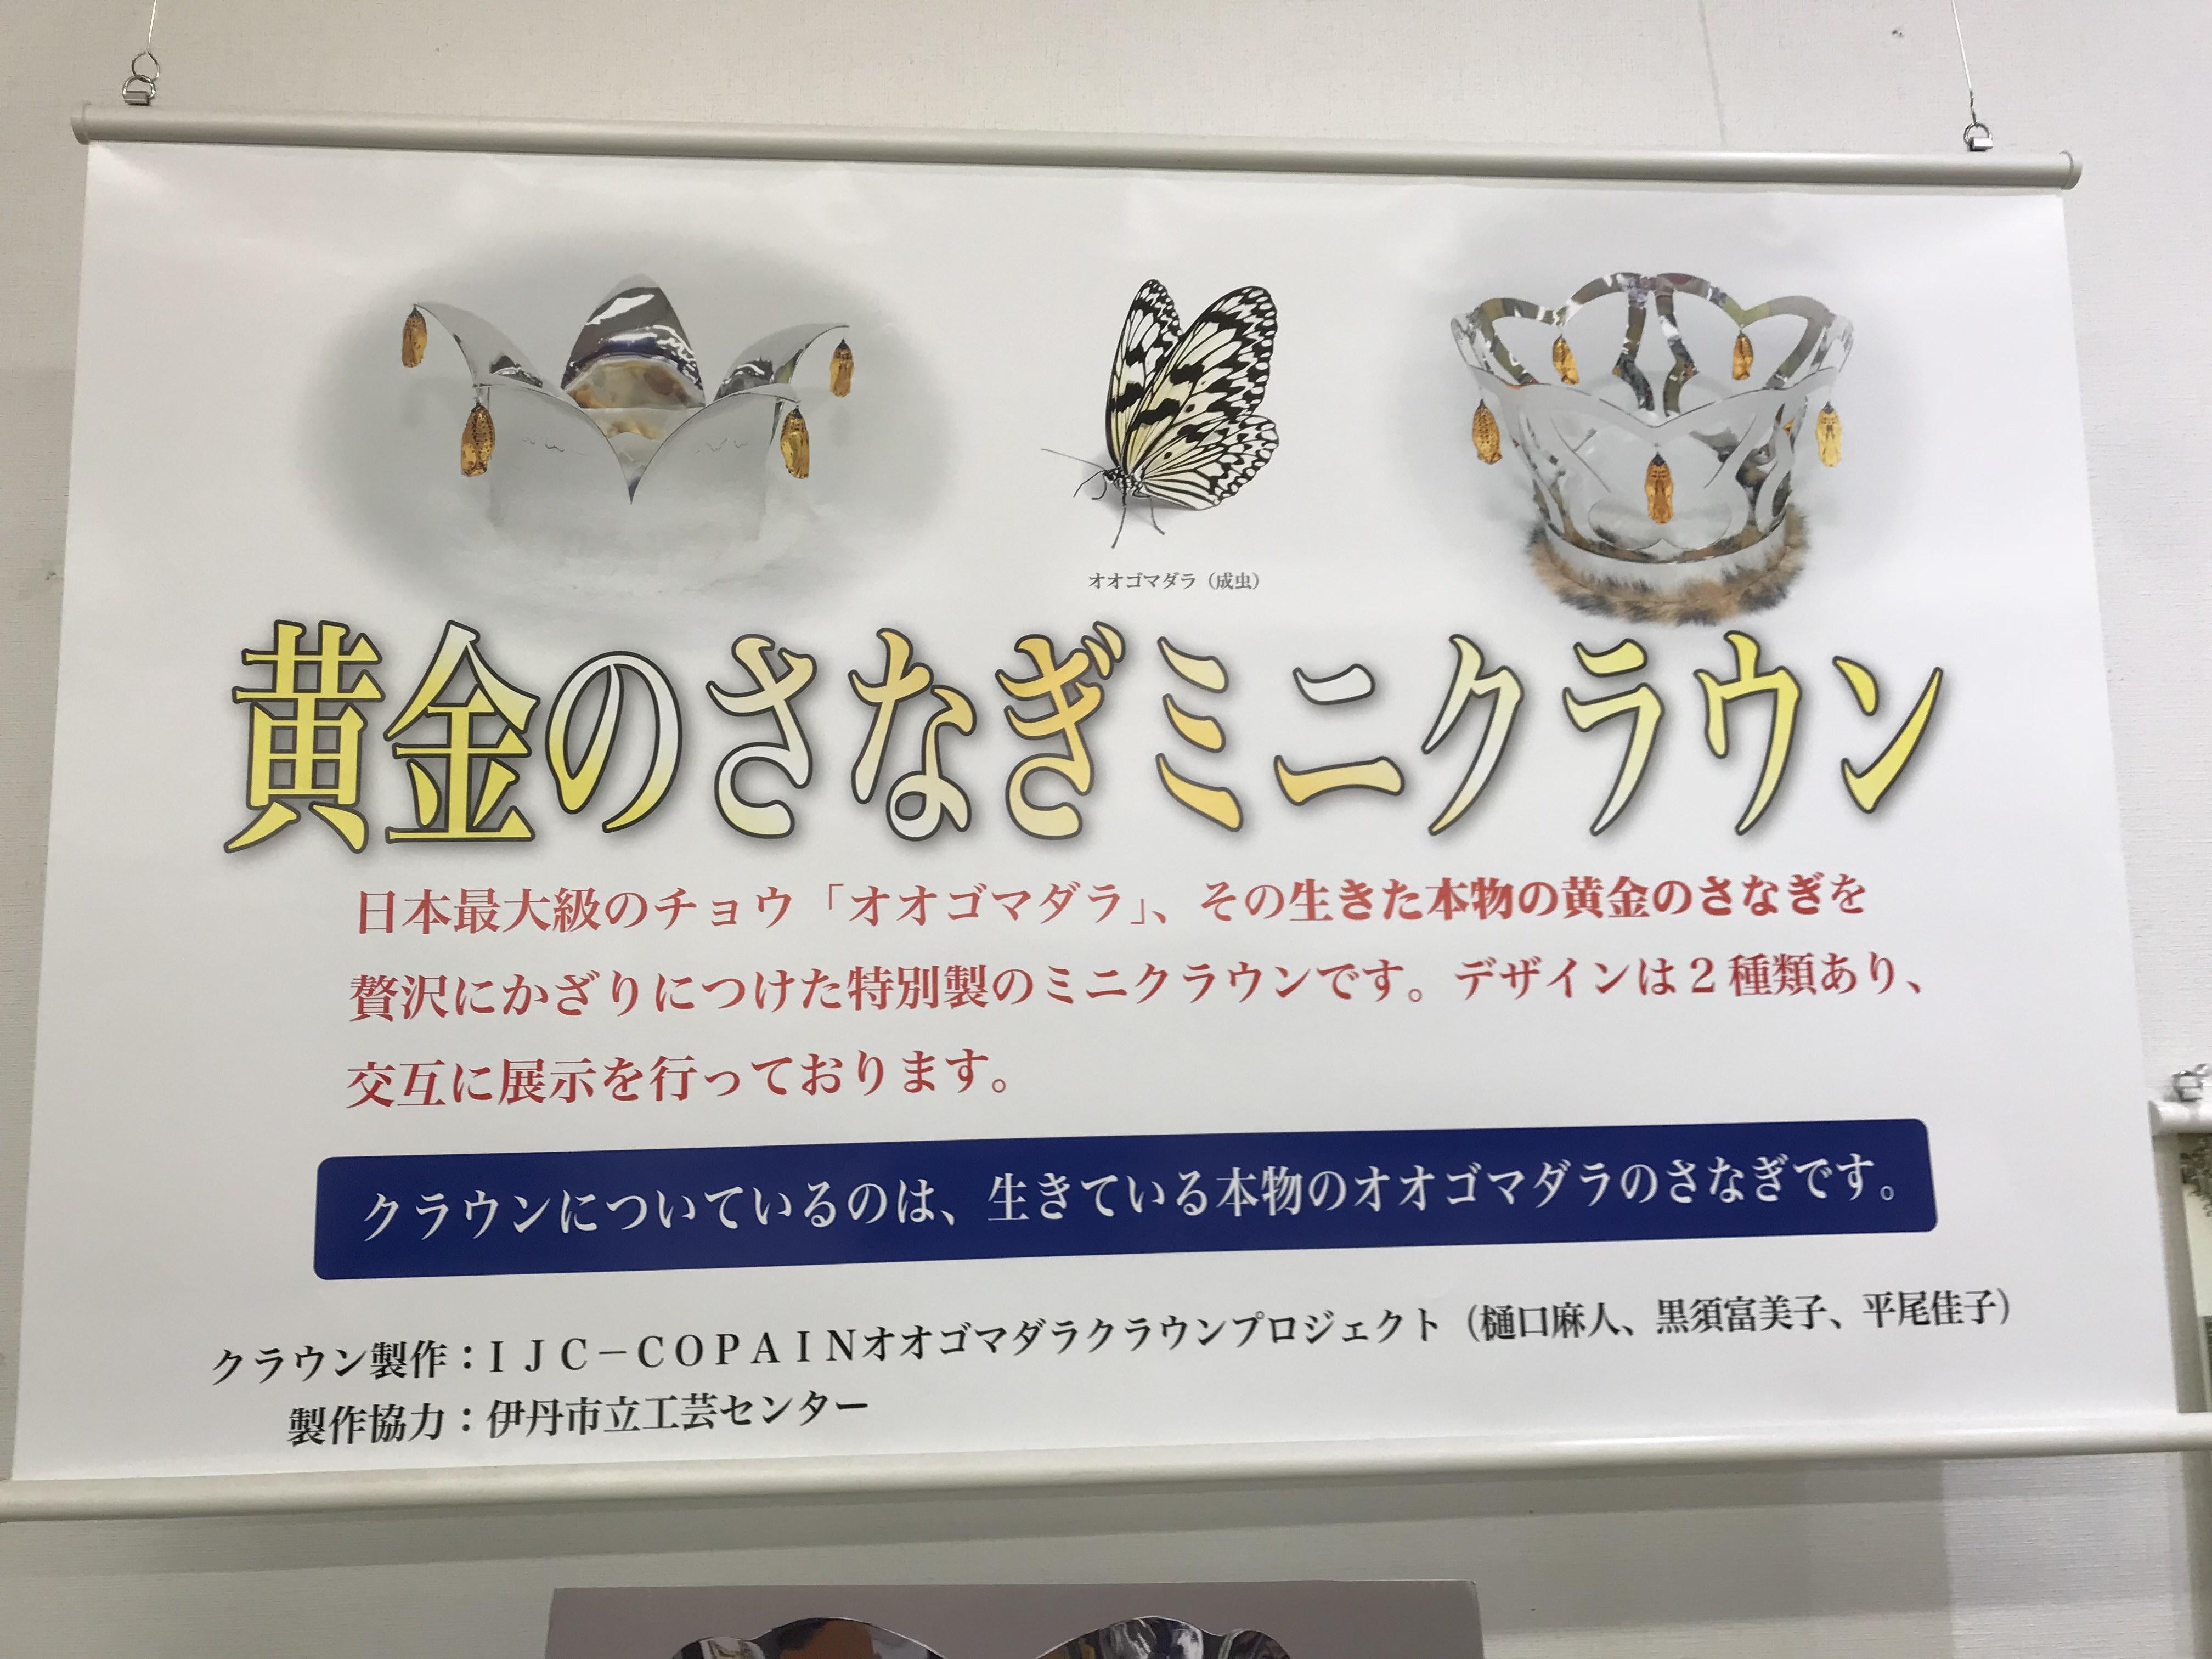 昆虫博物館 黄金のさなぎ